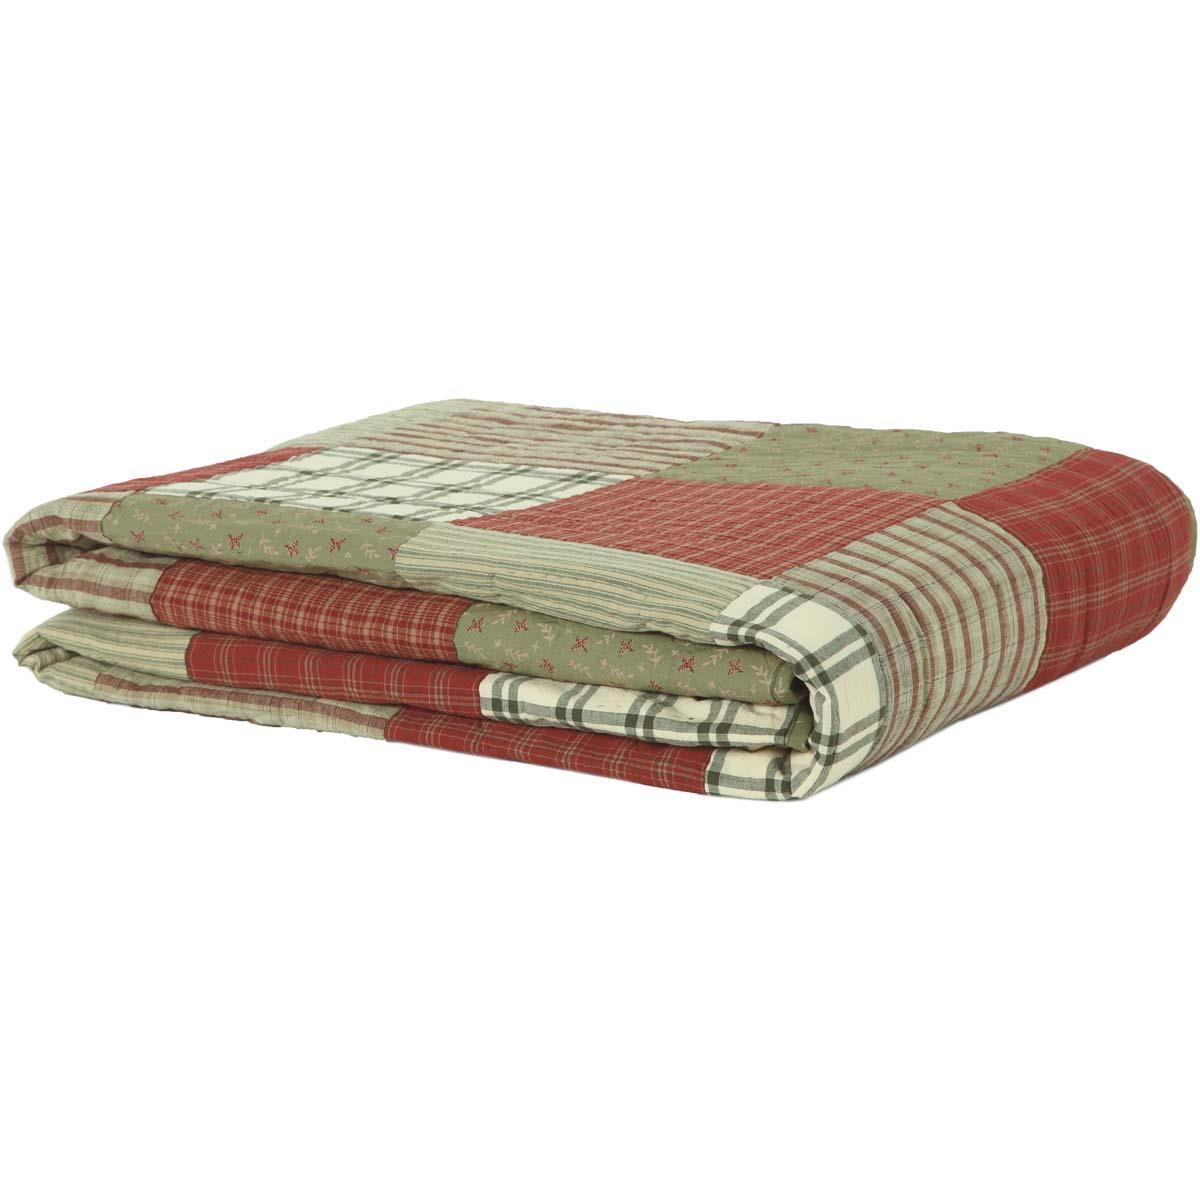 Prairie Winds Quilt - 840528161971